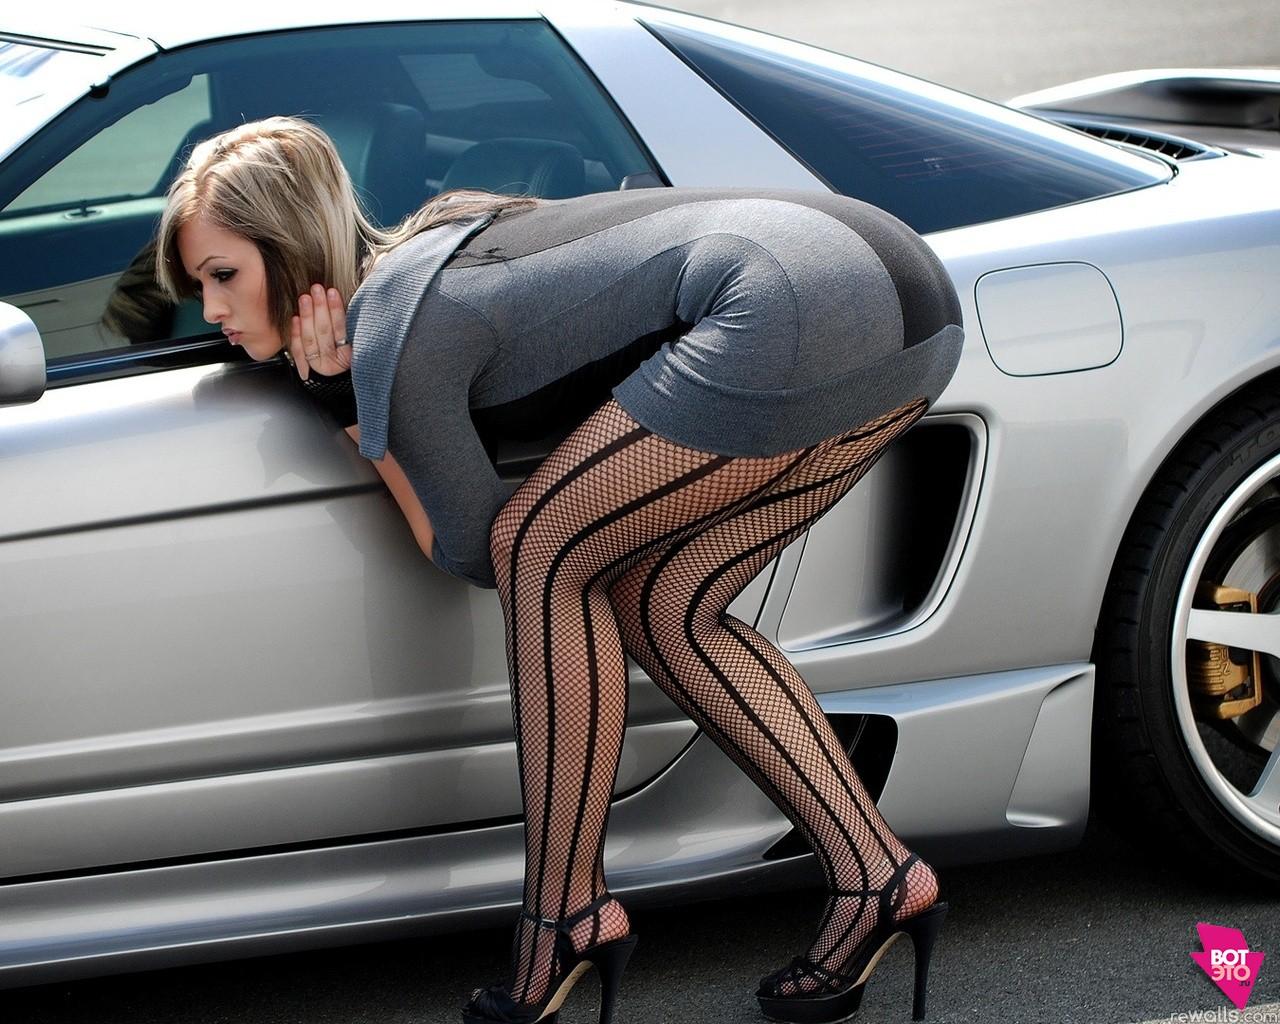 Женские вопросы на автофоруме